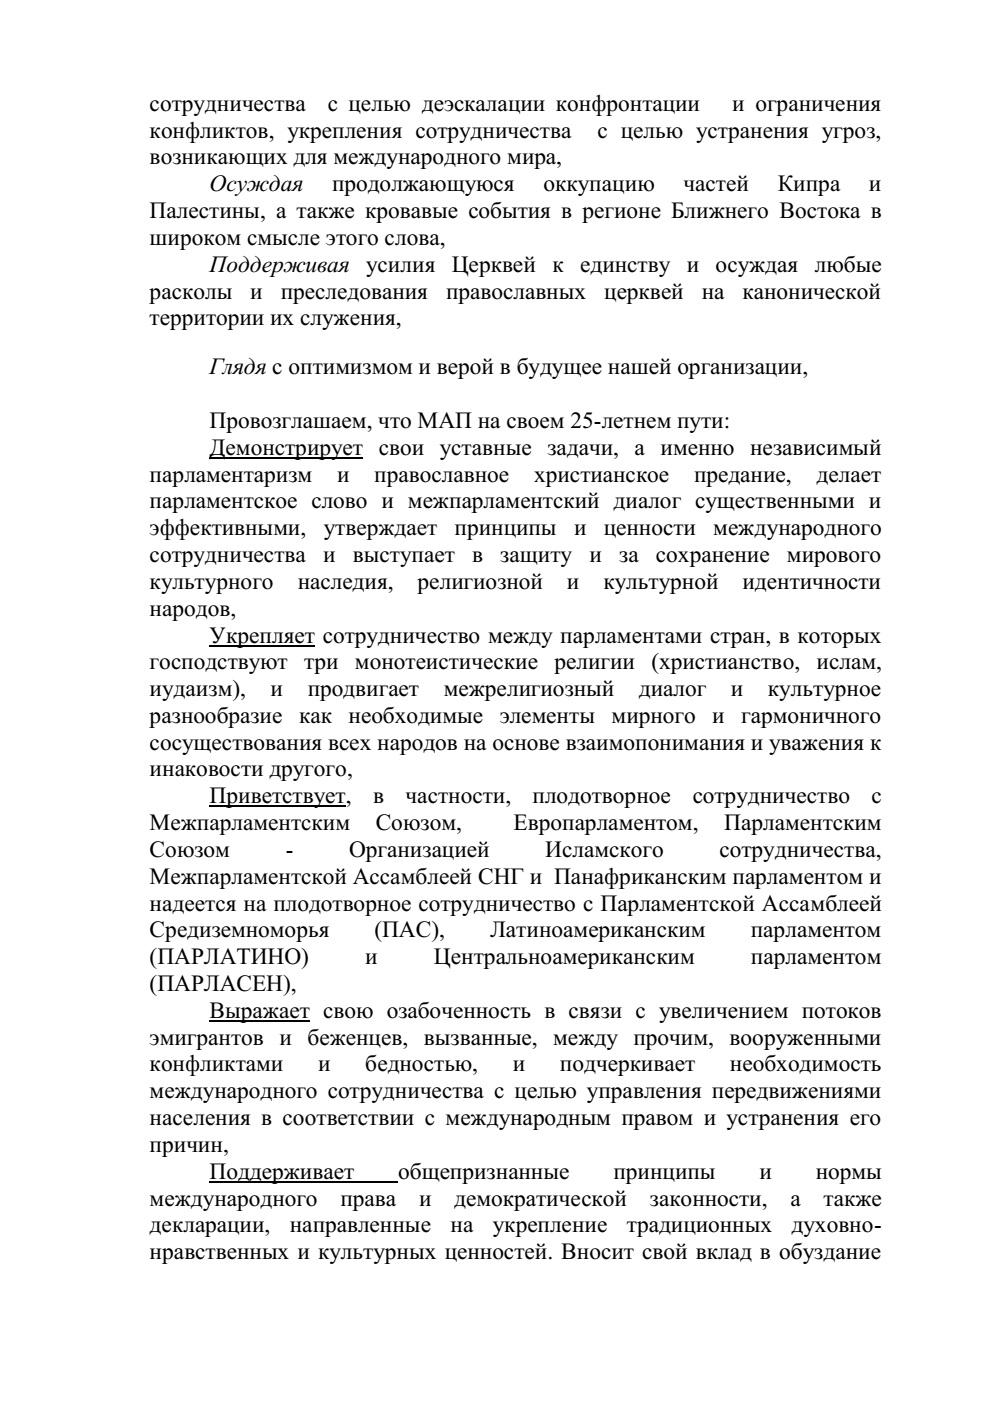 deklaraciya-25-letiya-map0002